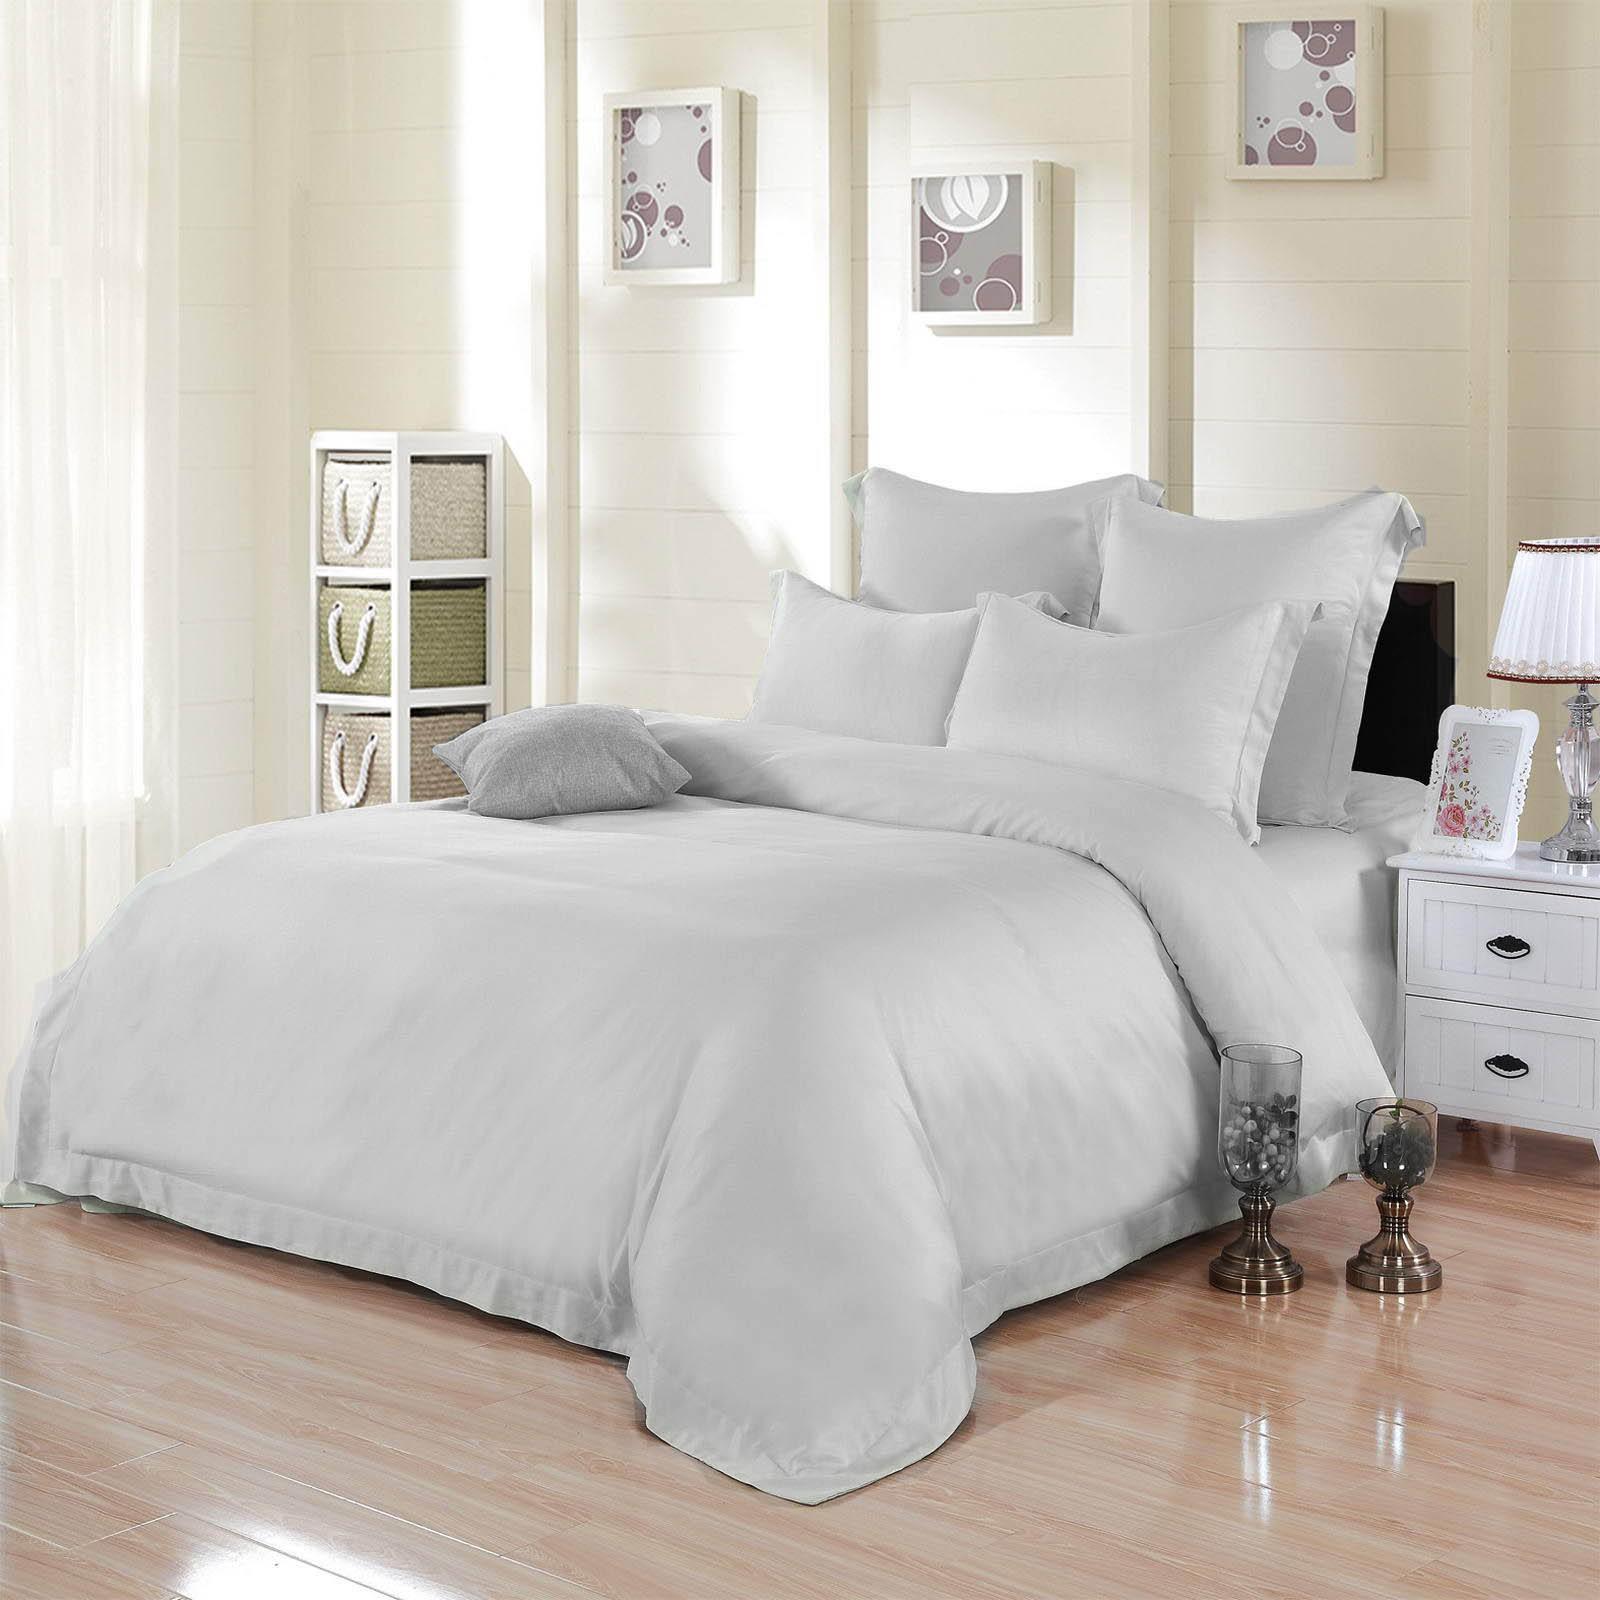 Комплект постельного белья Sofi De Marko Марьяна Двуспальный евро (ЕВРО-М1002)